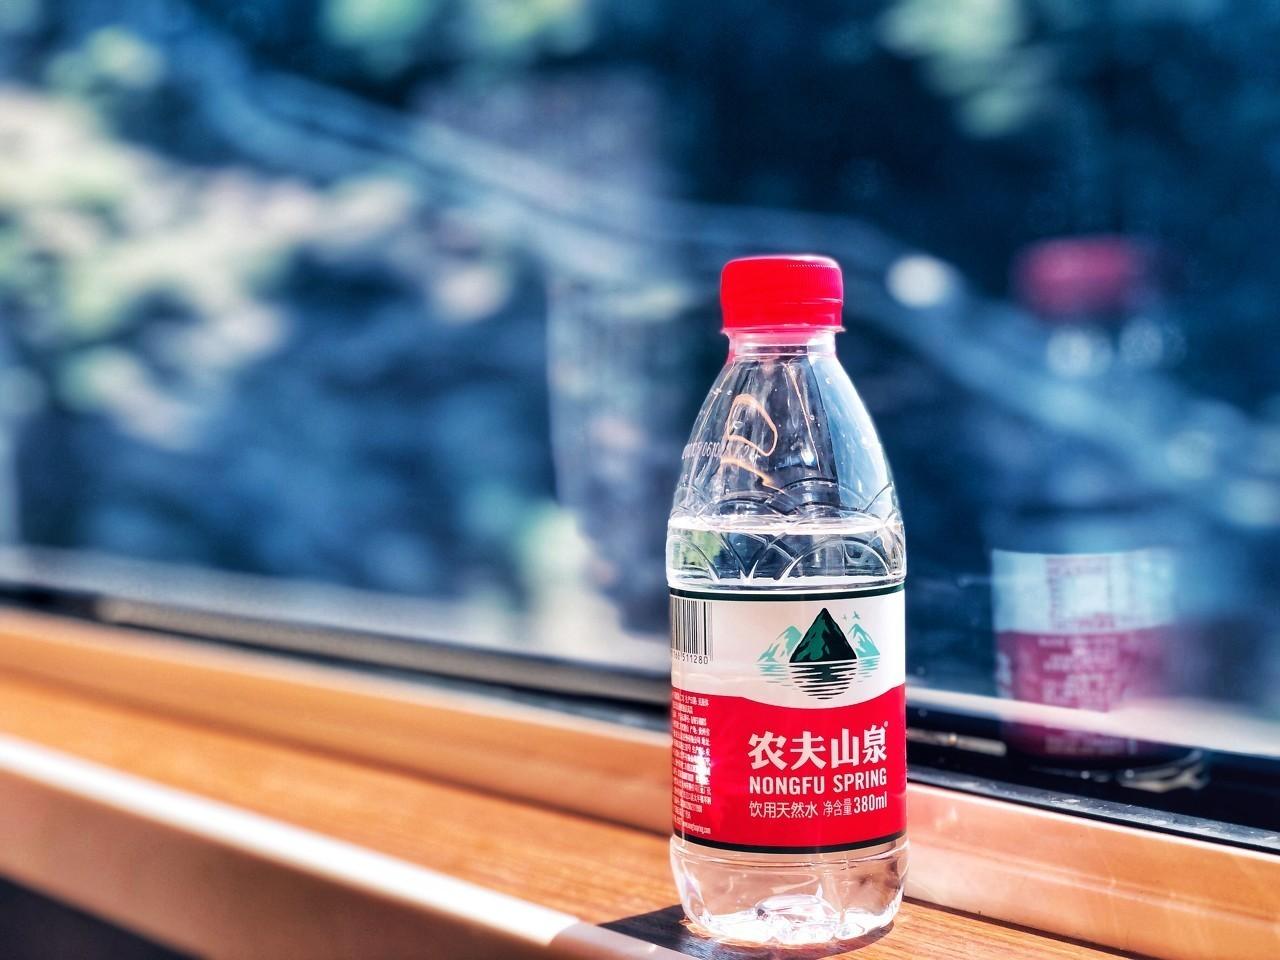 农夫山泉不生产水:6成成本用于包装,原油价格影响业绩